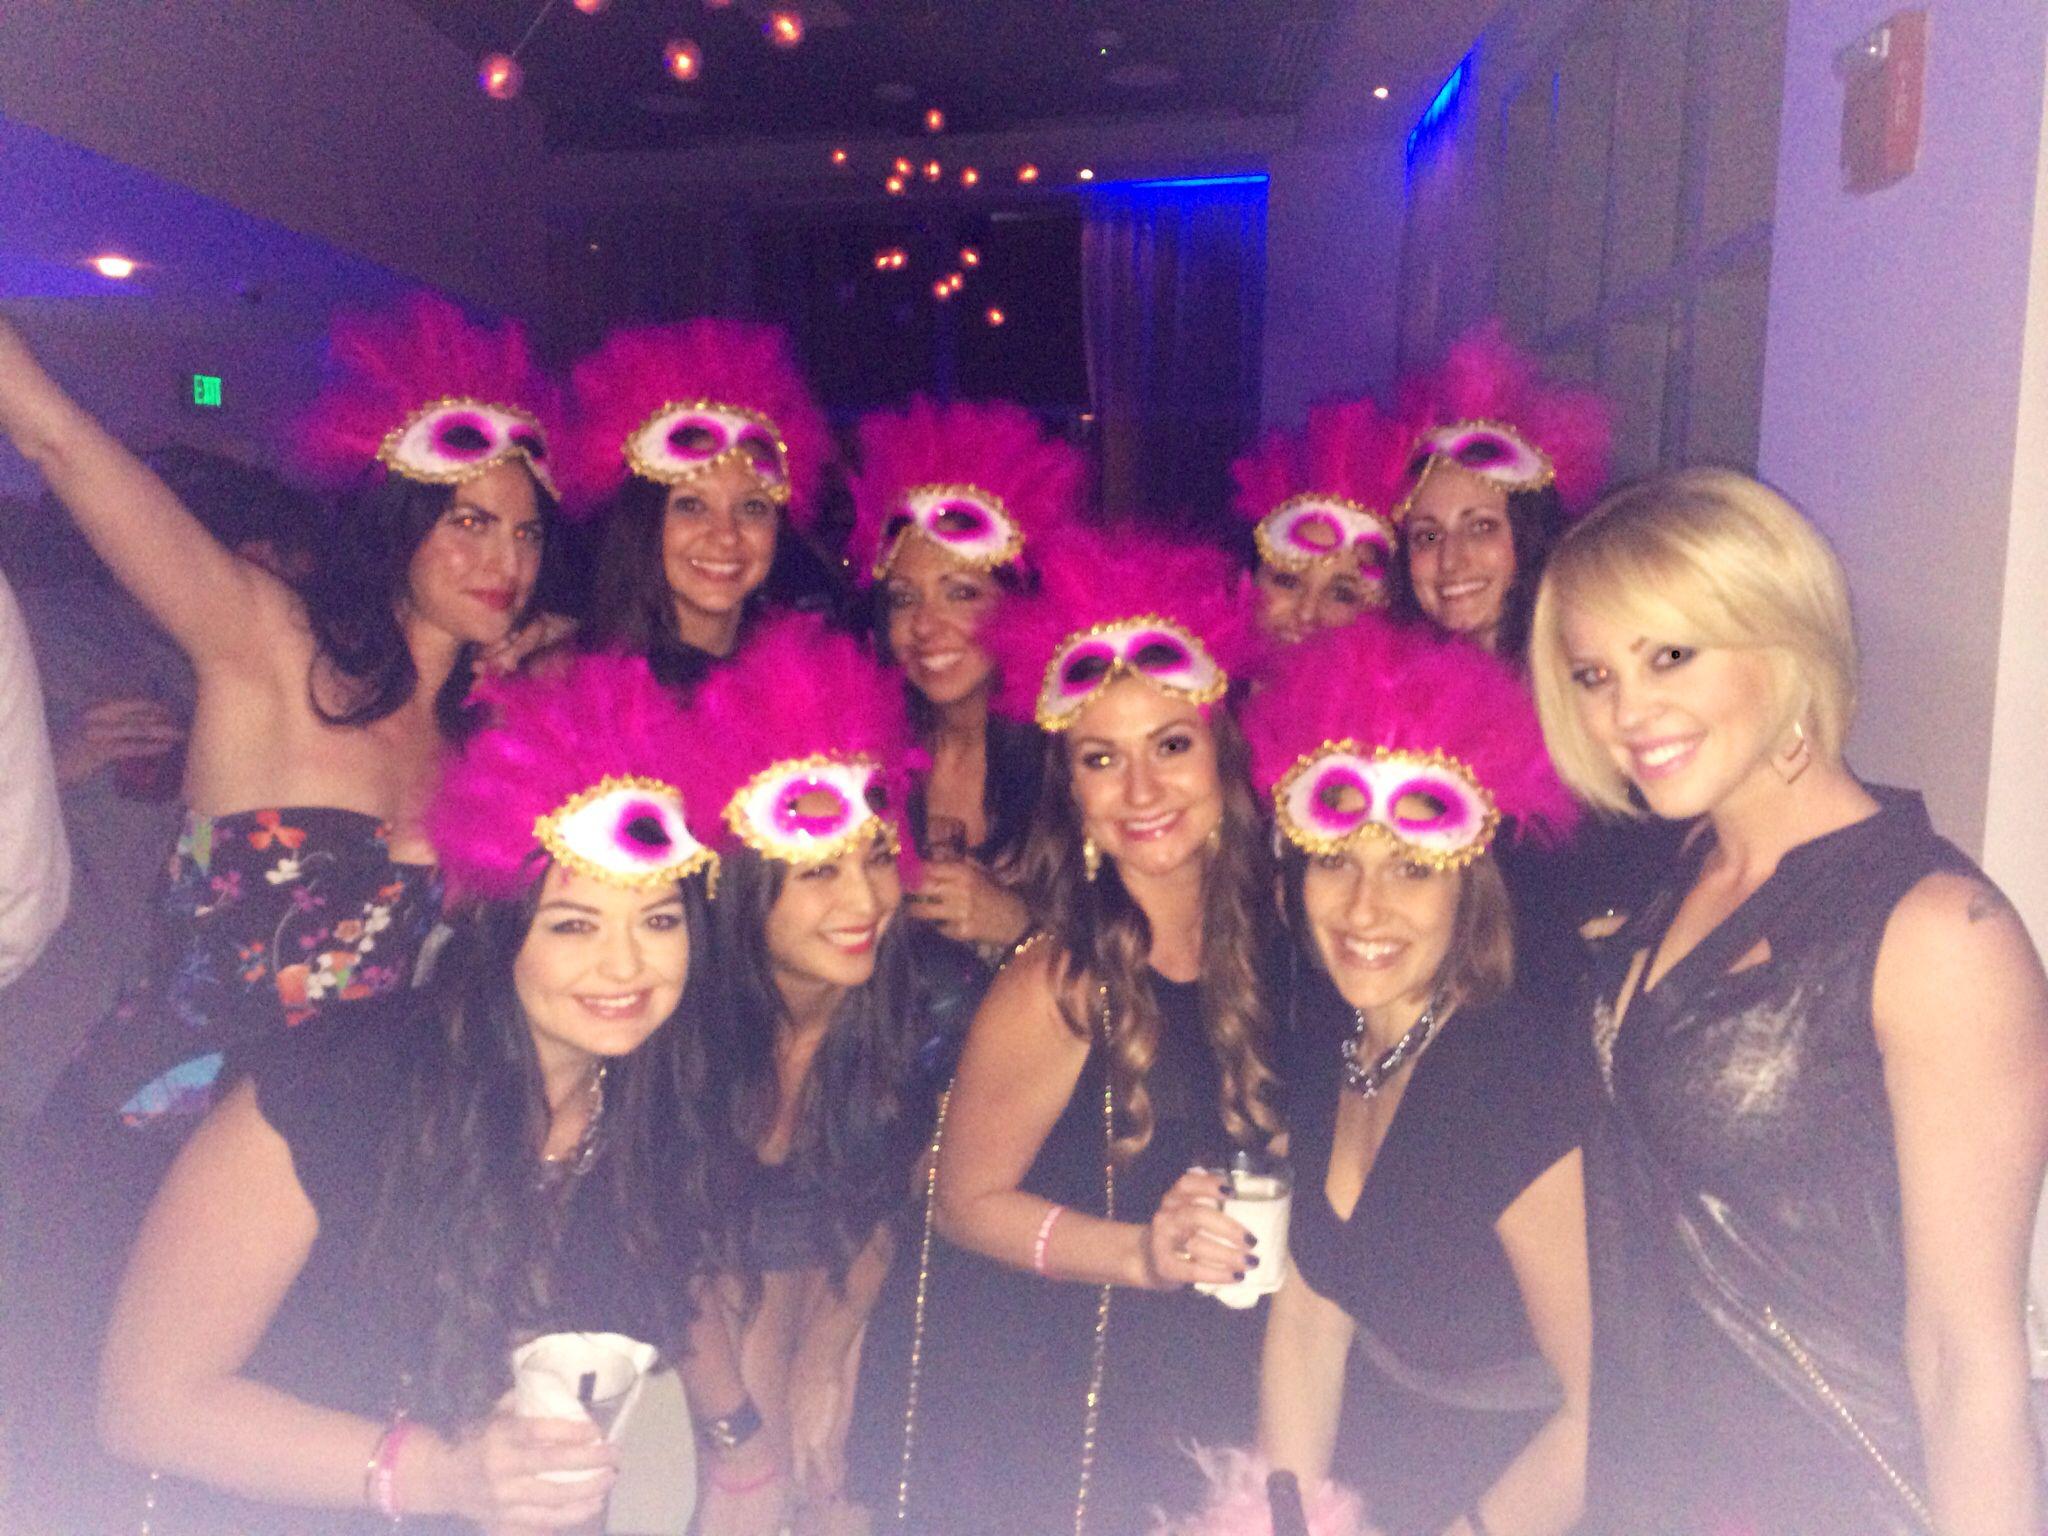 masquerade bachelorette party girls masquerade bachelorette party bachelorette ideas bridal shower games bridal